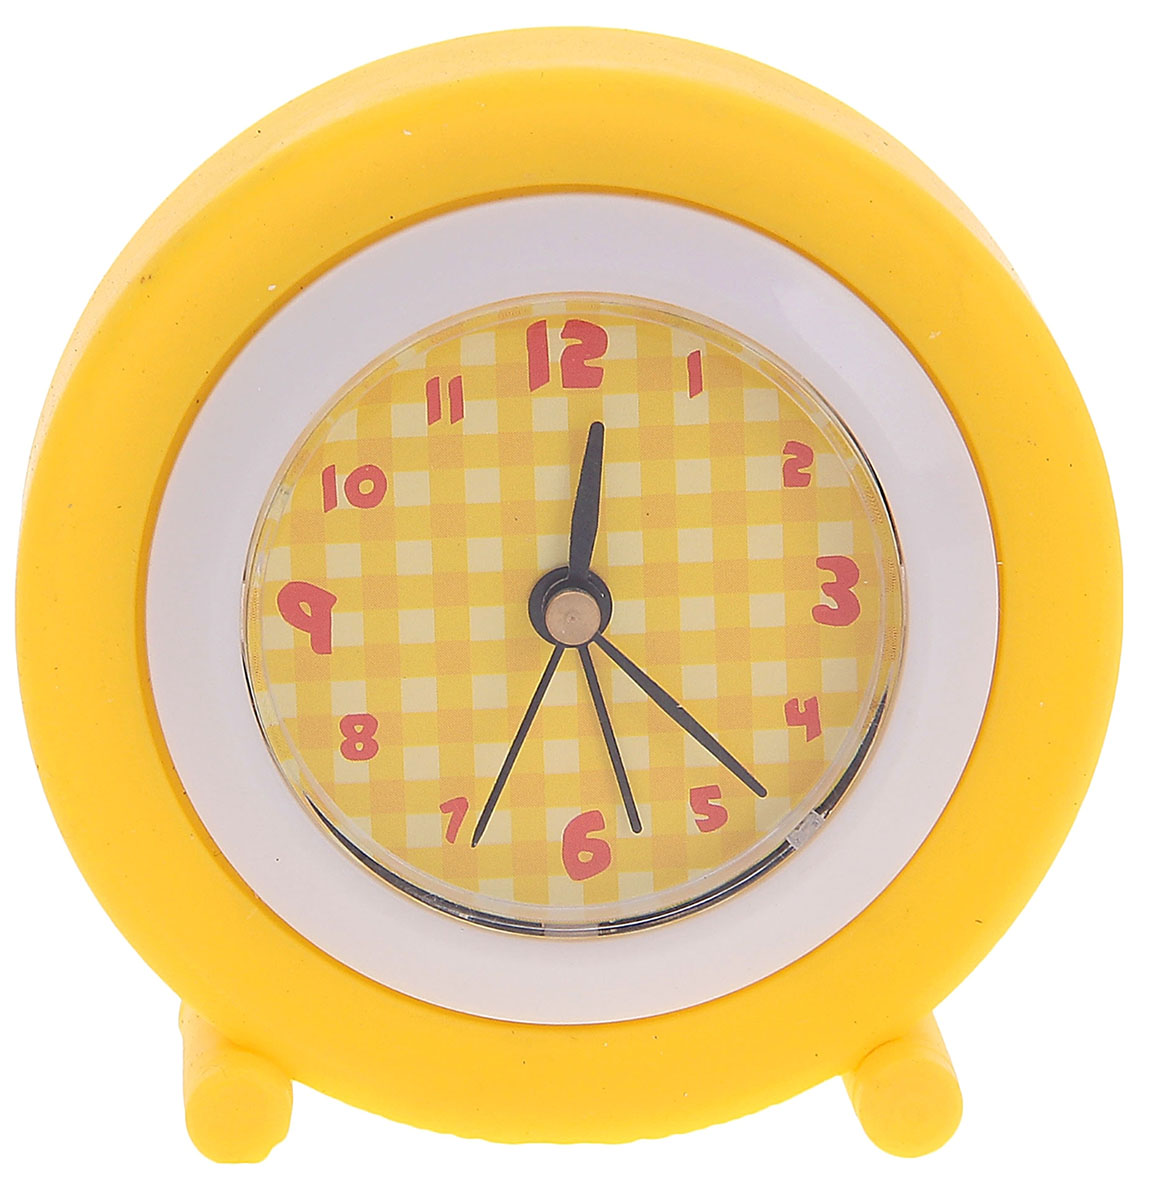 Будильник, цвет: желтый, диаметр 8 см. 872918872918Каждому хозяину периодически приходит мысль обновить свою квартиру, сделать ремонт,перестановку или кардинально поменять внешний вид каждой комнаты. Будильник -привлекательная деталь, которая поможет воплотить вашу интерьерную идею, создатьнеповторимую атмосферу в вашем доме.Окружите себя приятными мелочами, пусть онирадуют глаз и дарят гармонию.